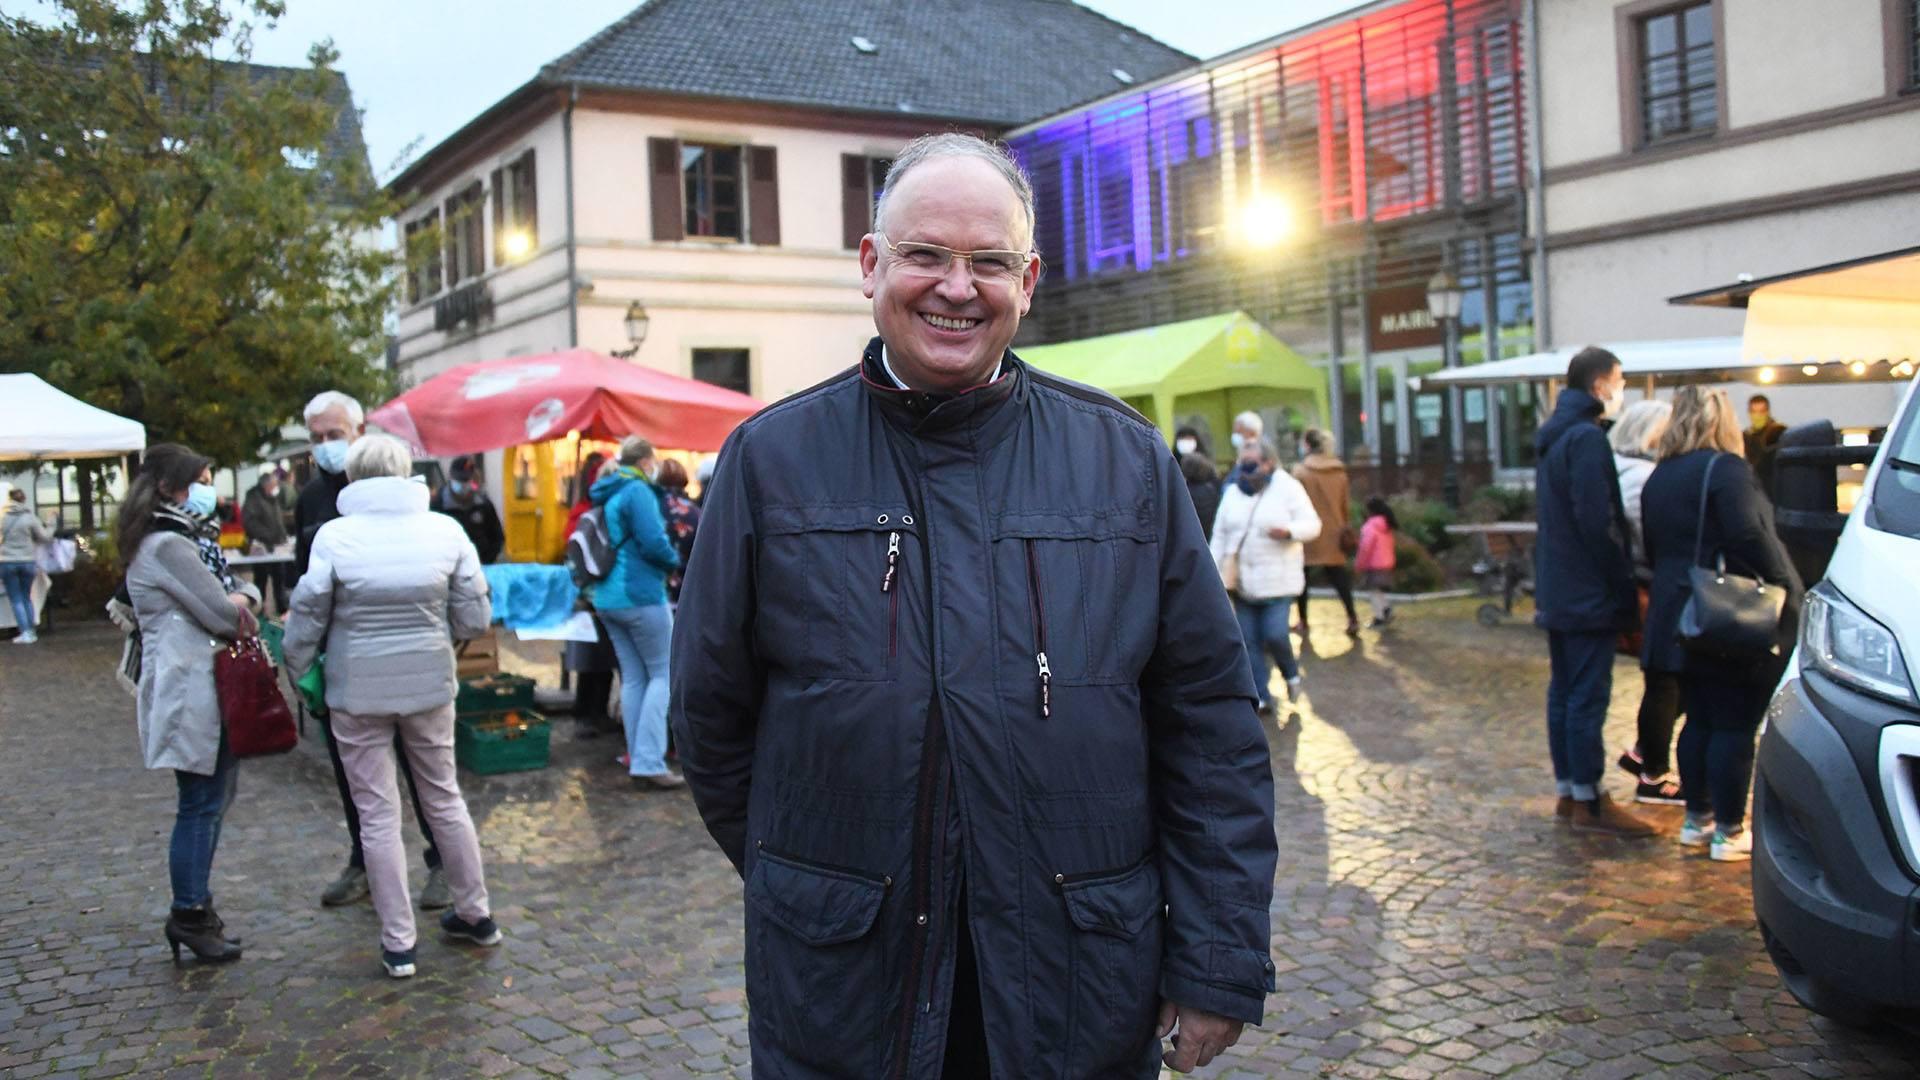 Zillisheim un nouveau marché de producteurs : Michel Laugel en plein marché